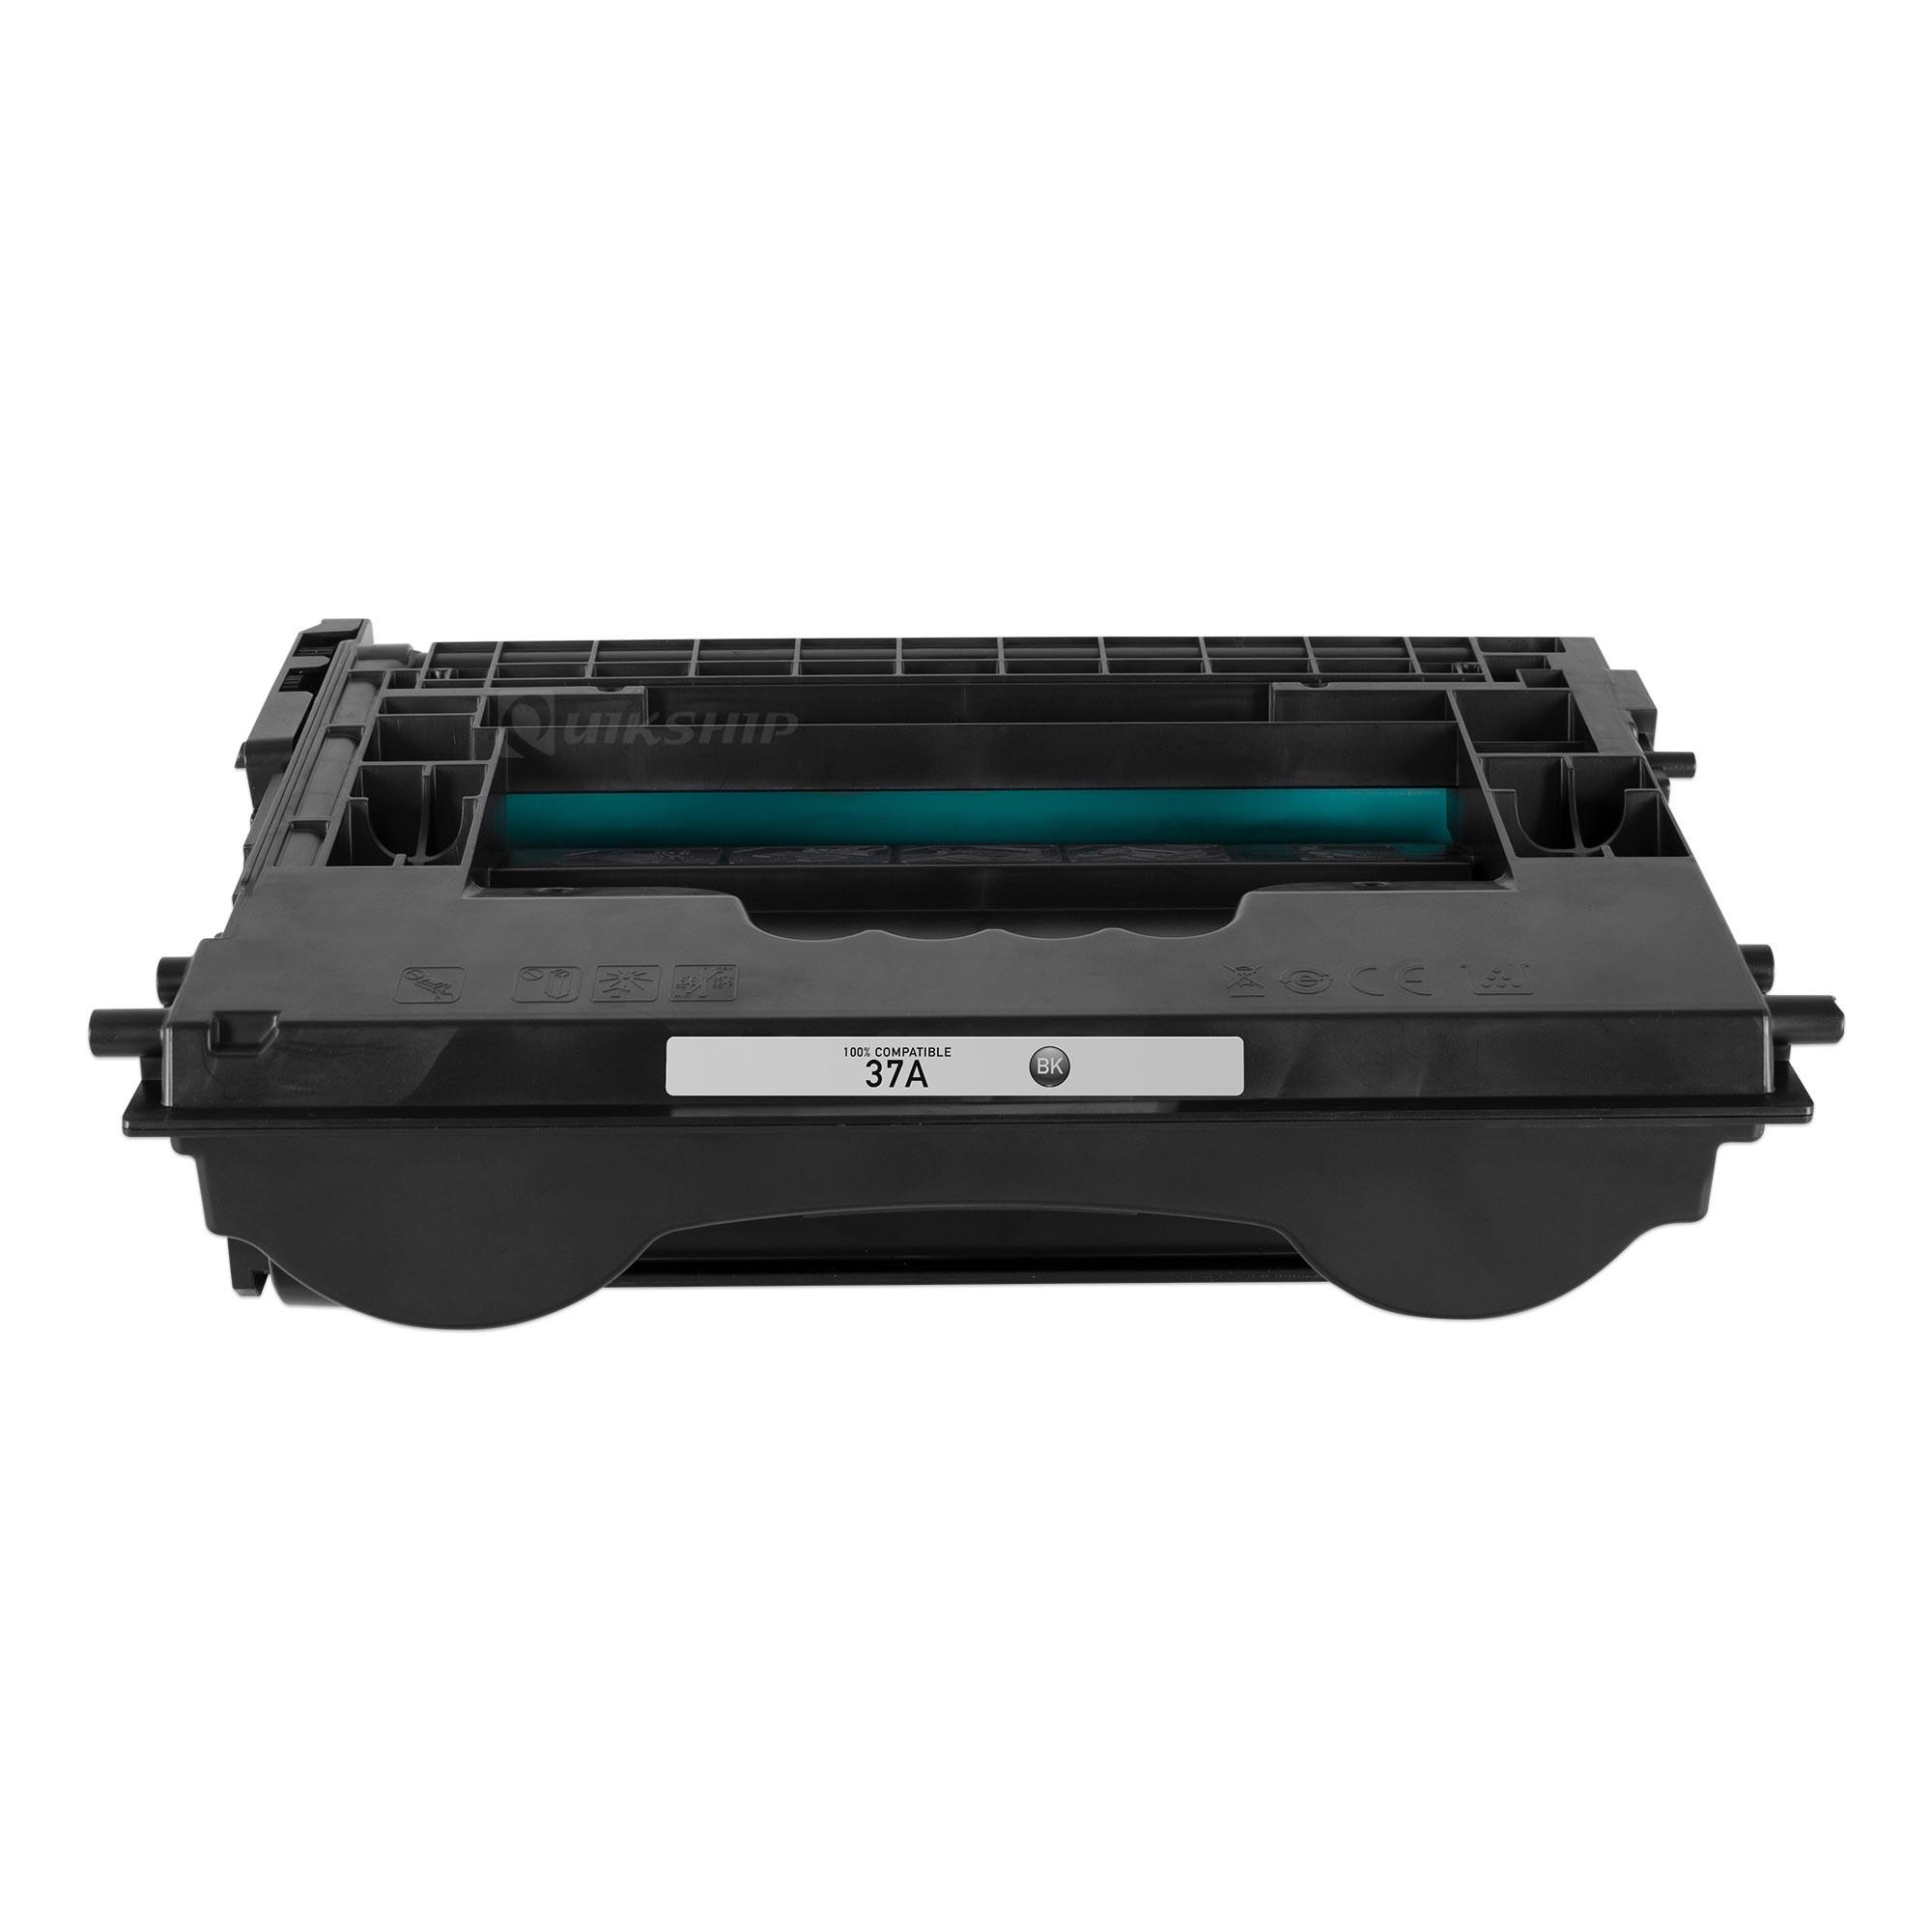 Hộp mực HP 37A printMAX - Hộp mực Máy in HP M607dn, M608dn, M609dn, M631, M632, M633 - Cartridge hp CF237A - Chính hãng